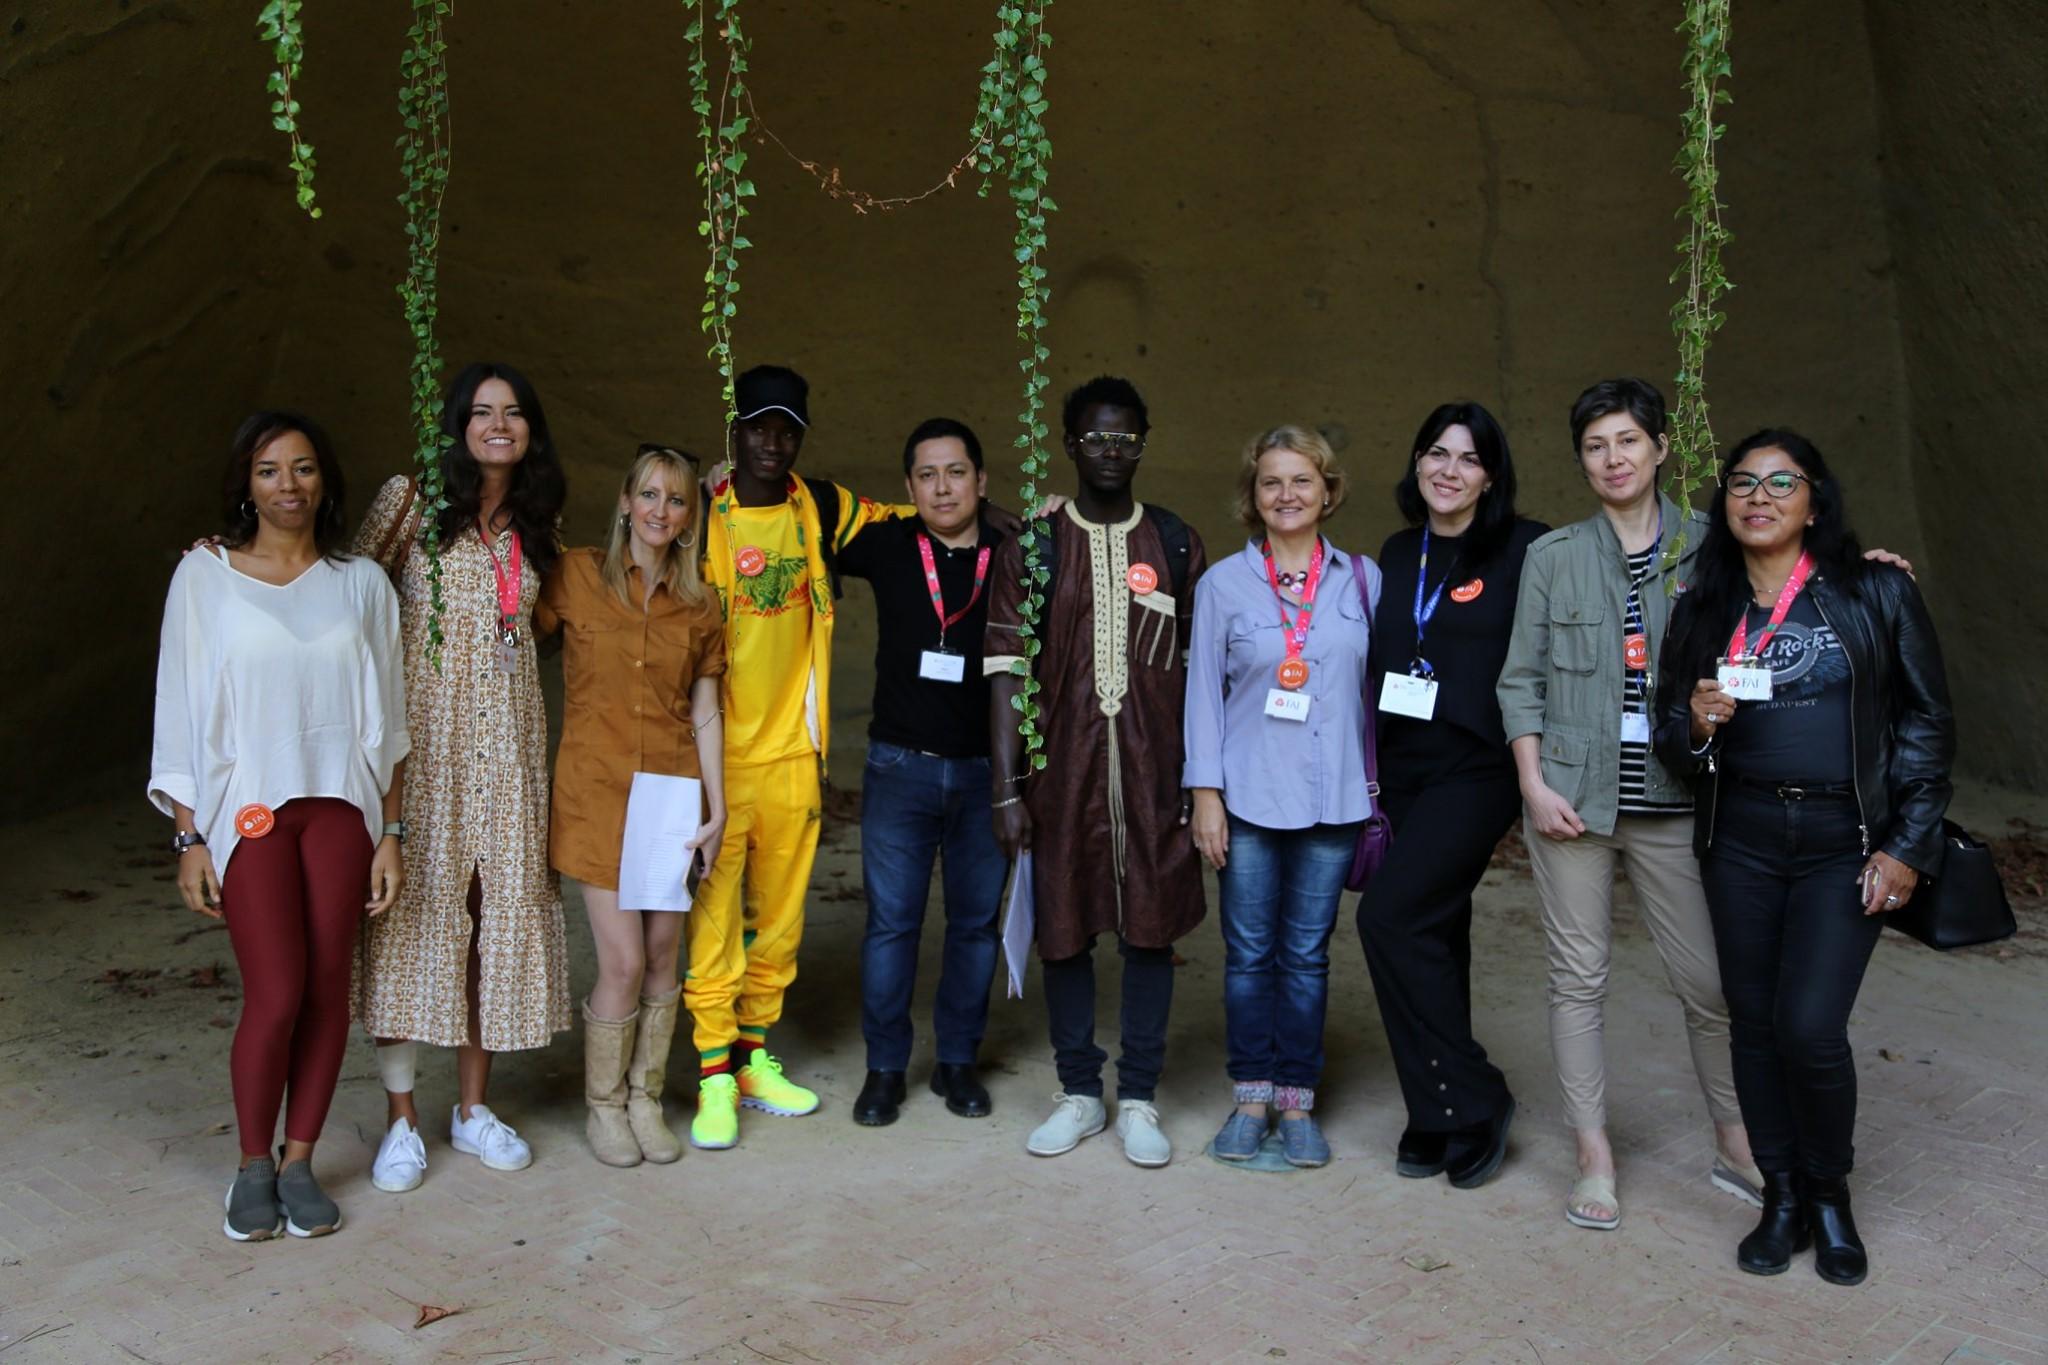 Museo della Moda di Napoli: visite guidate in lingua 16 e 17 ottobre